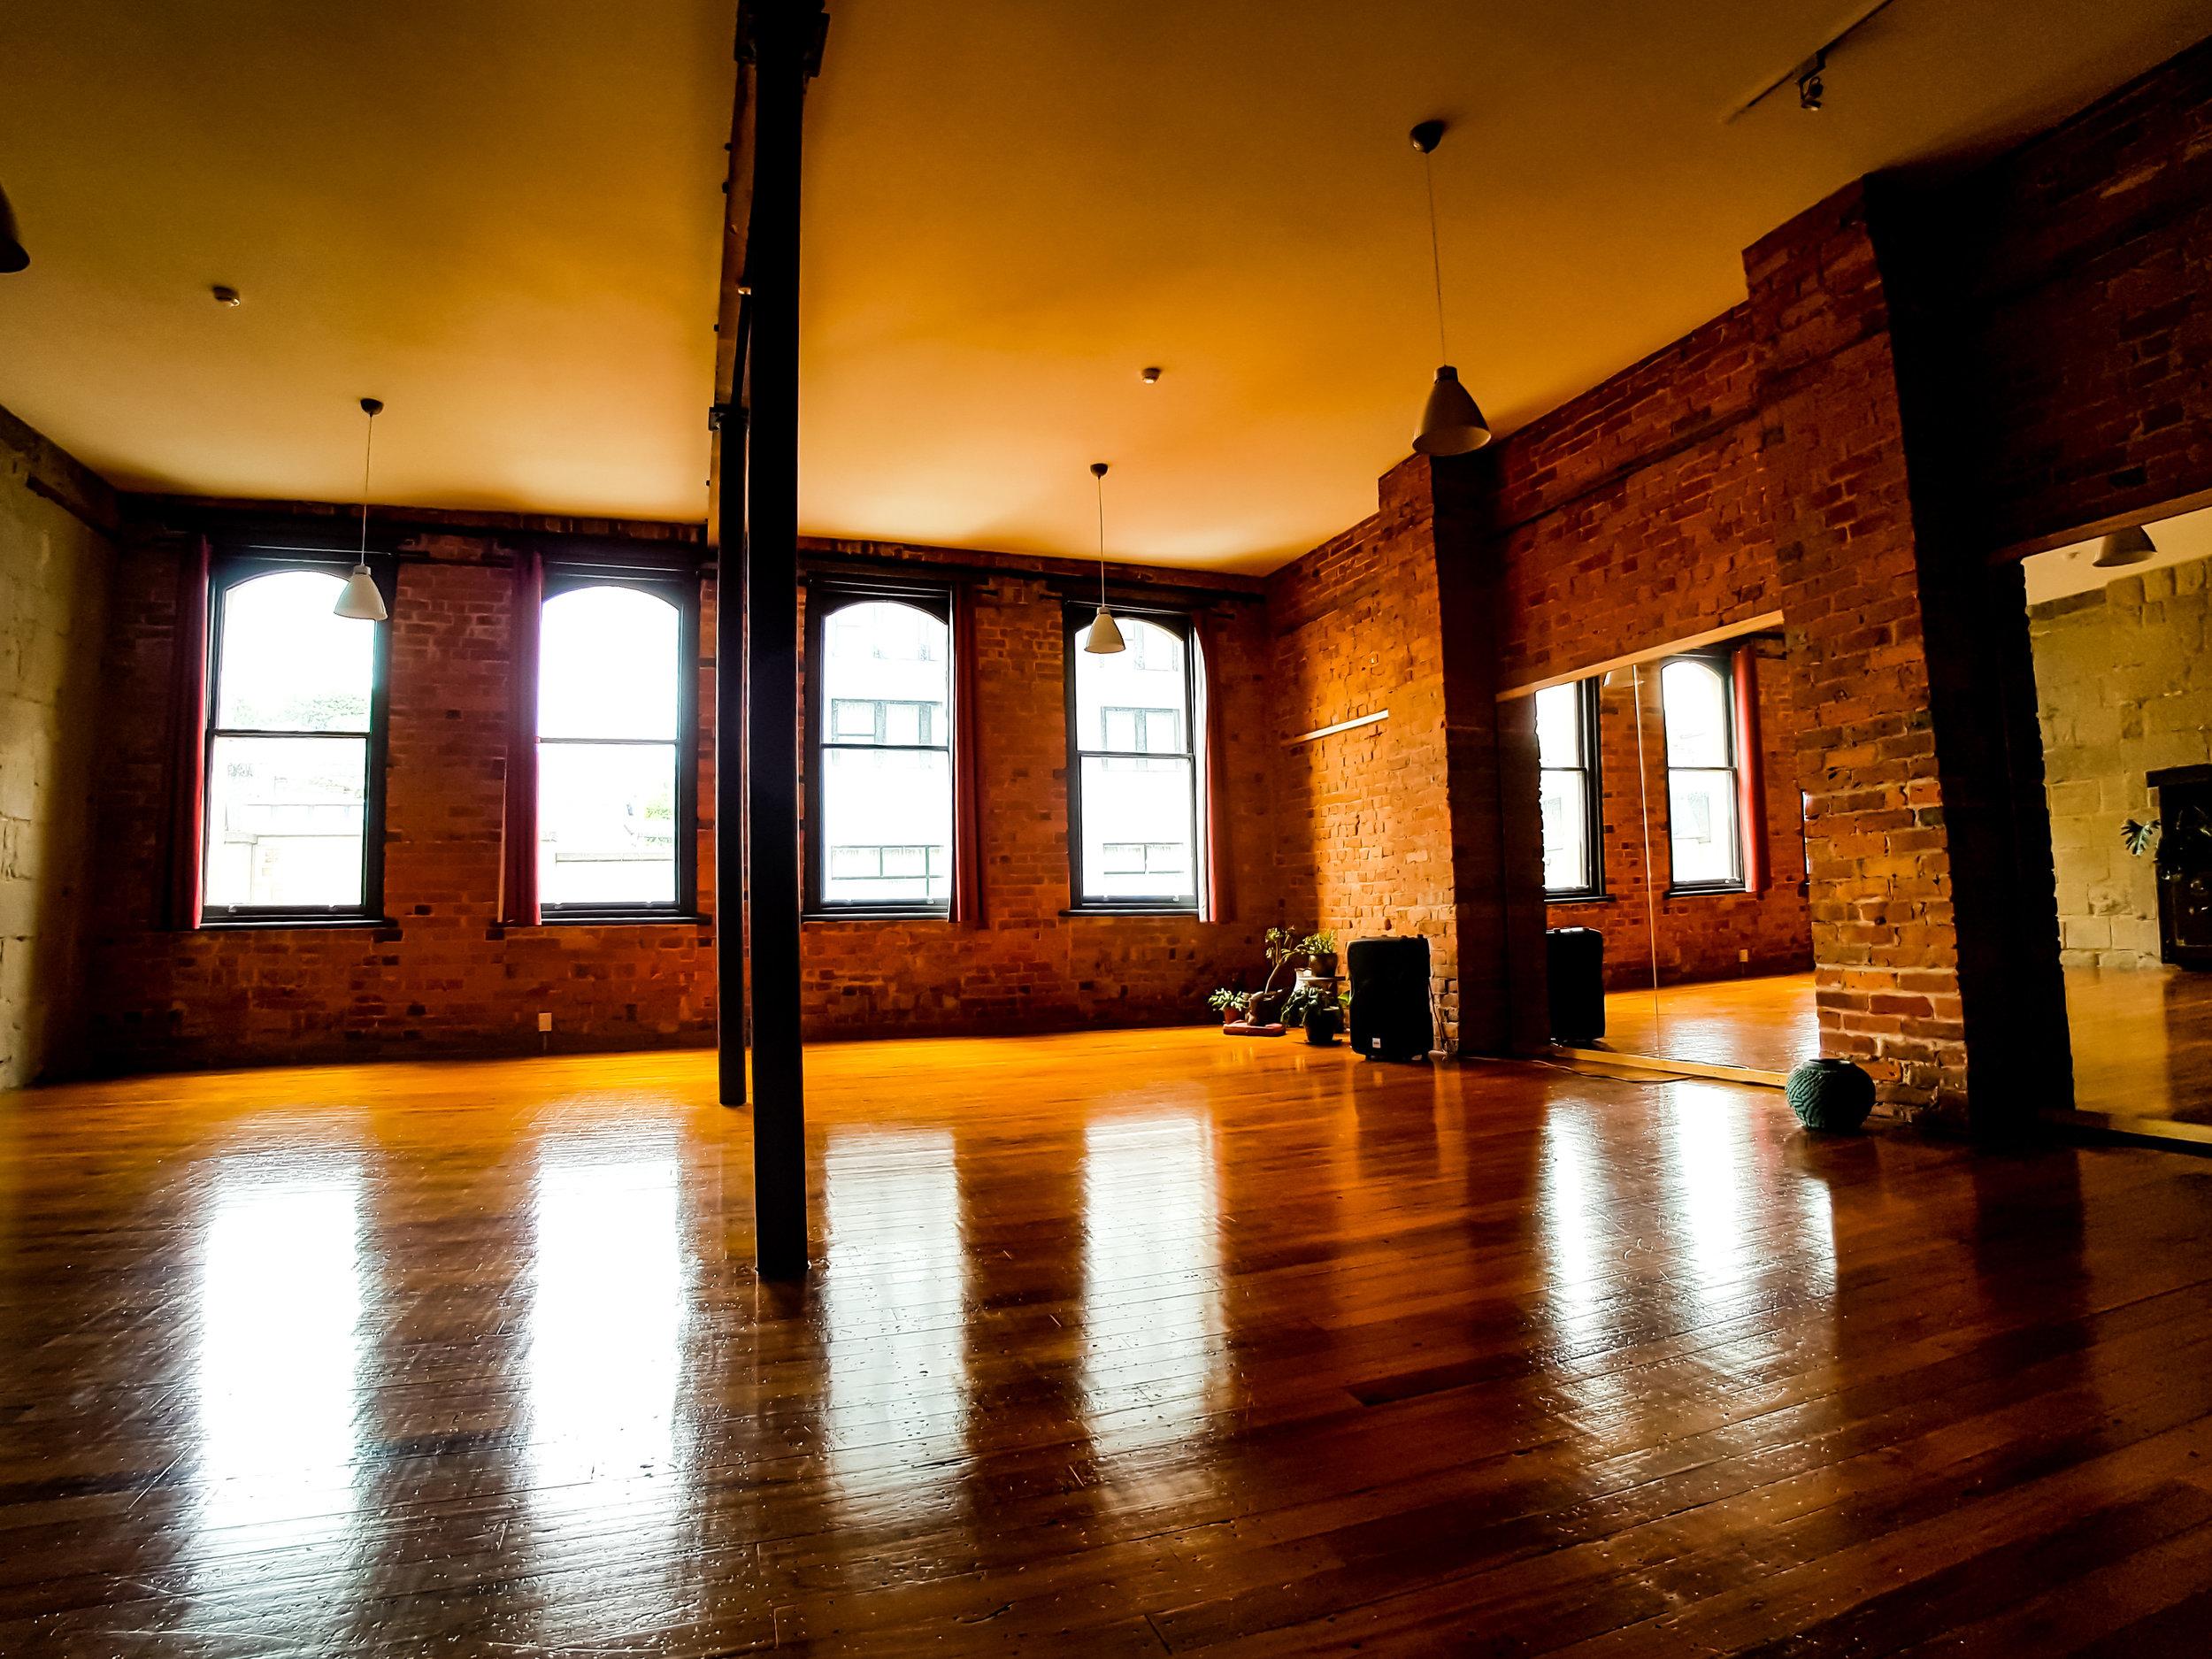 Dunedin studio